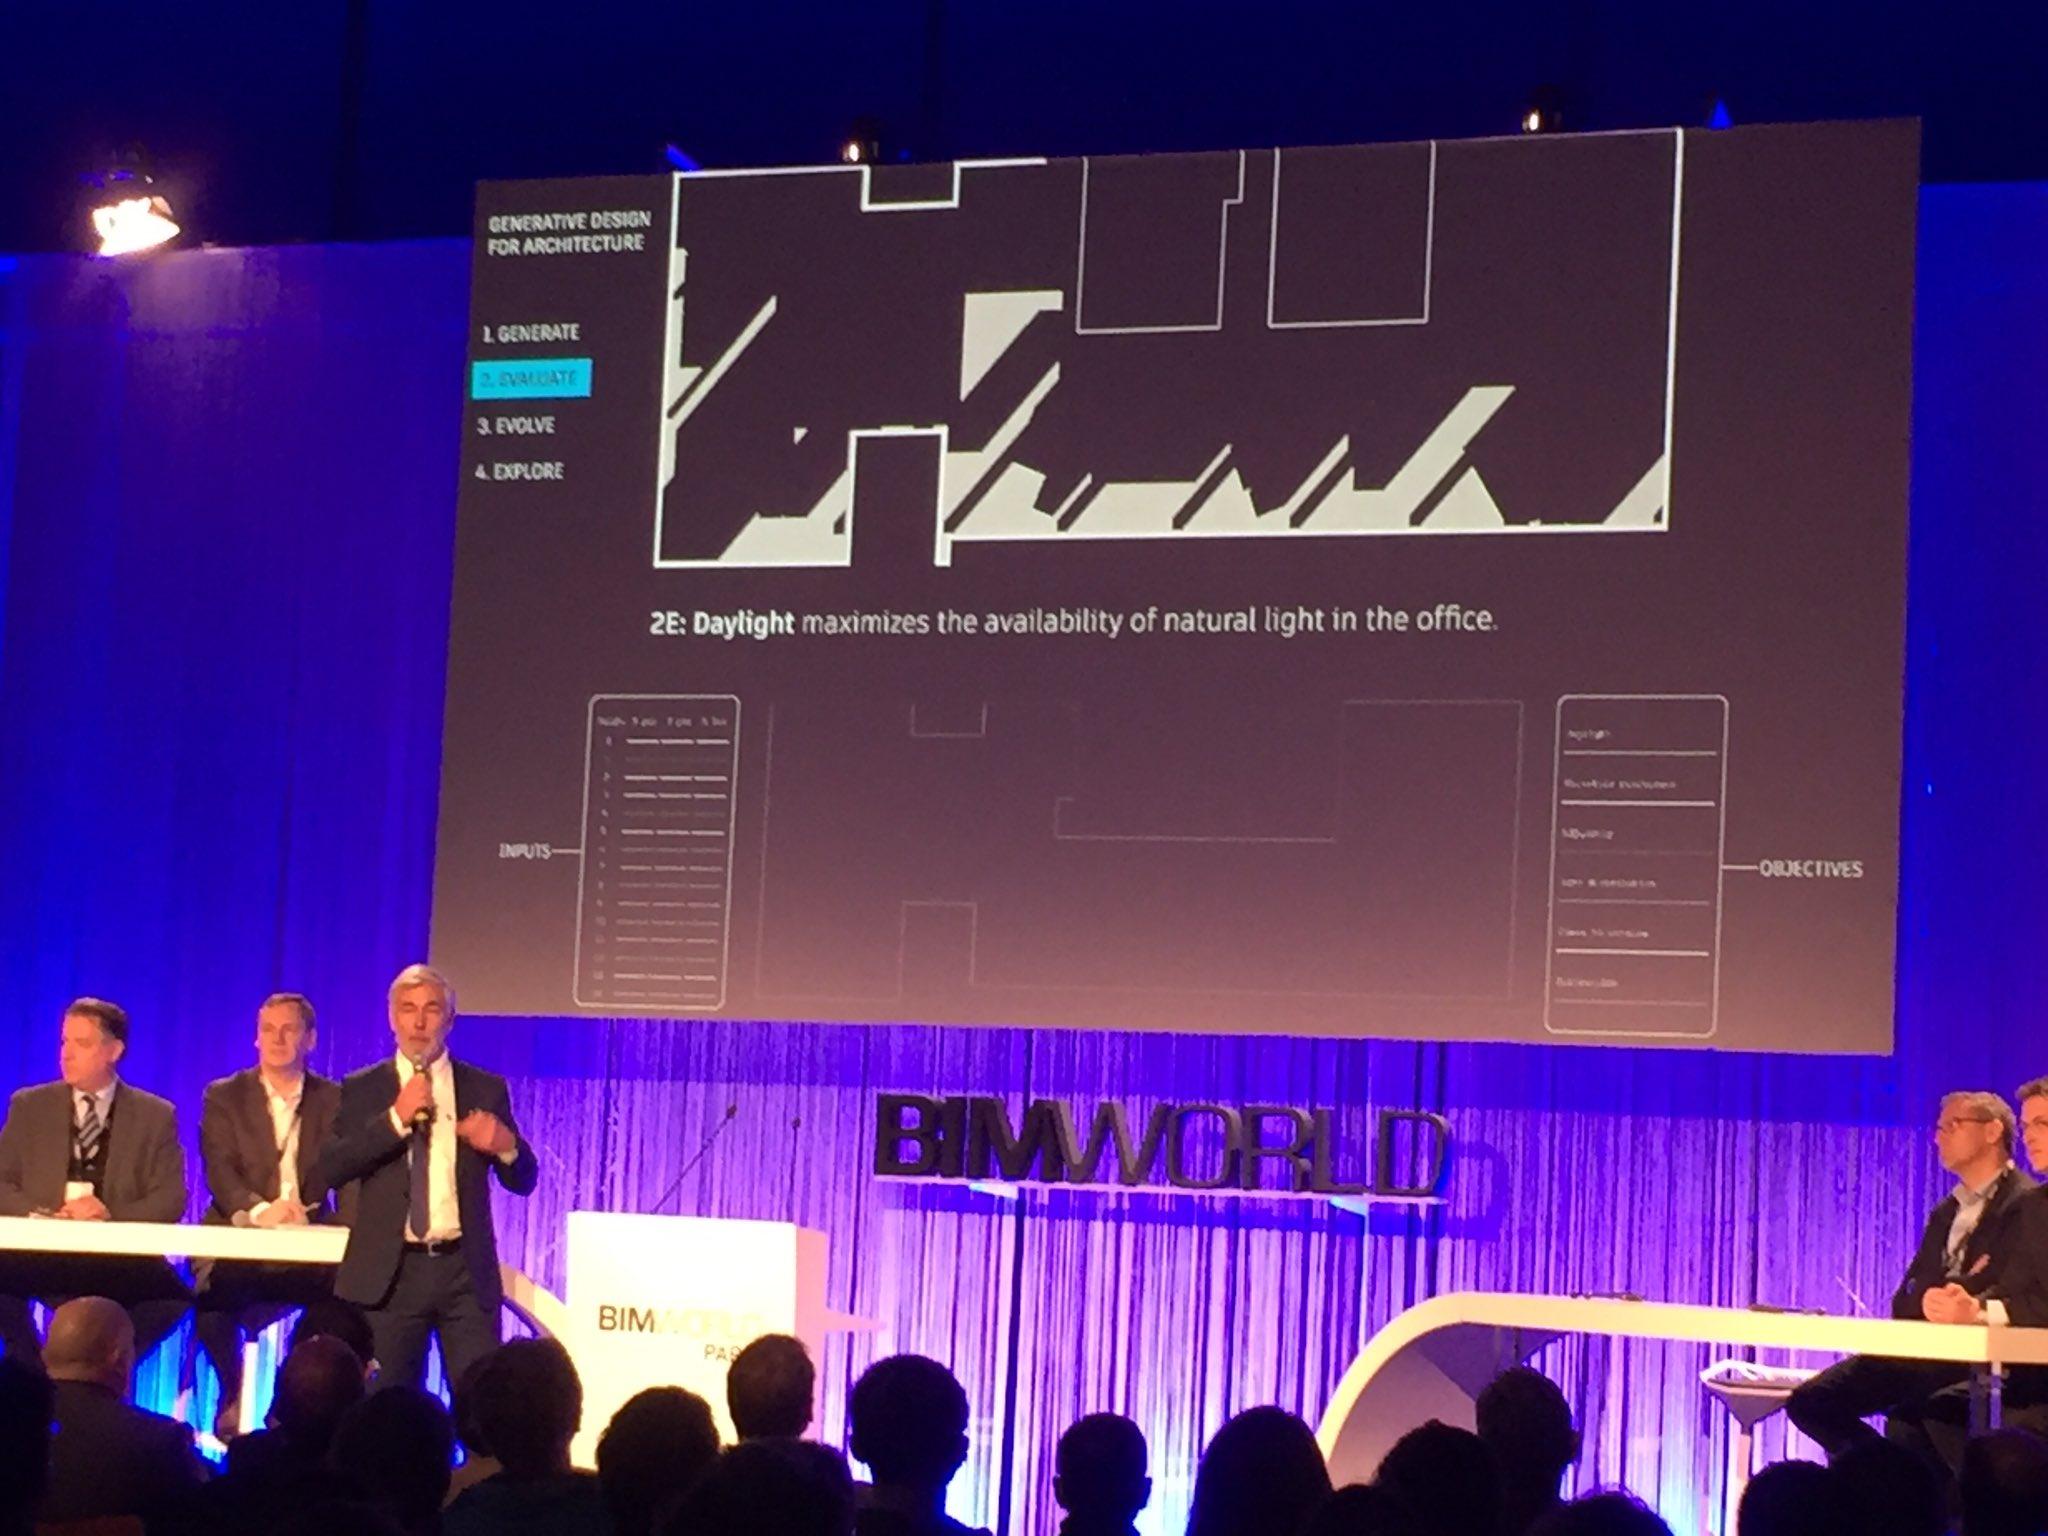 """""""L'#AI permet de proposer des designs que vous n'auriez jamais pu imaginer seul!"""" #BIMworld Uwe Wasserman (Autodesk) https://t.co/DWbFgVGTnP"""